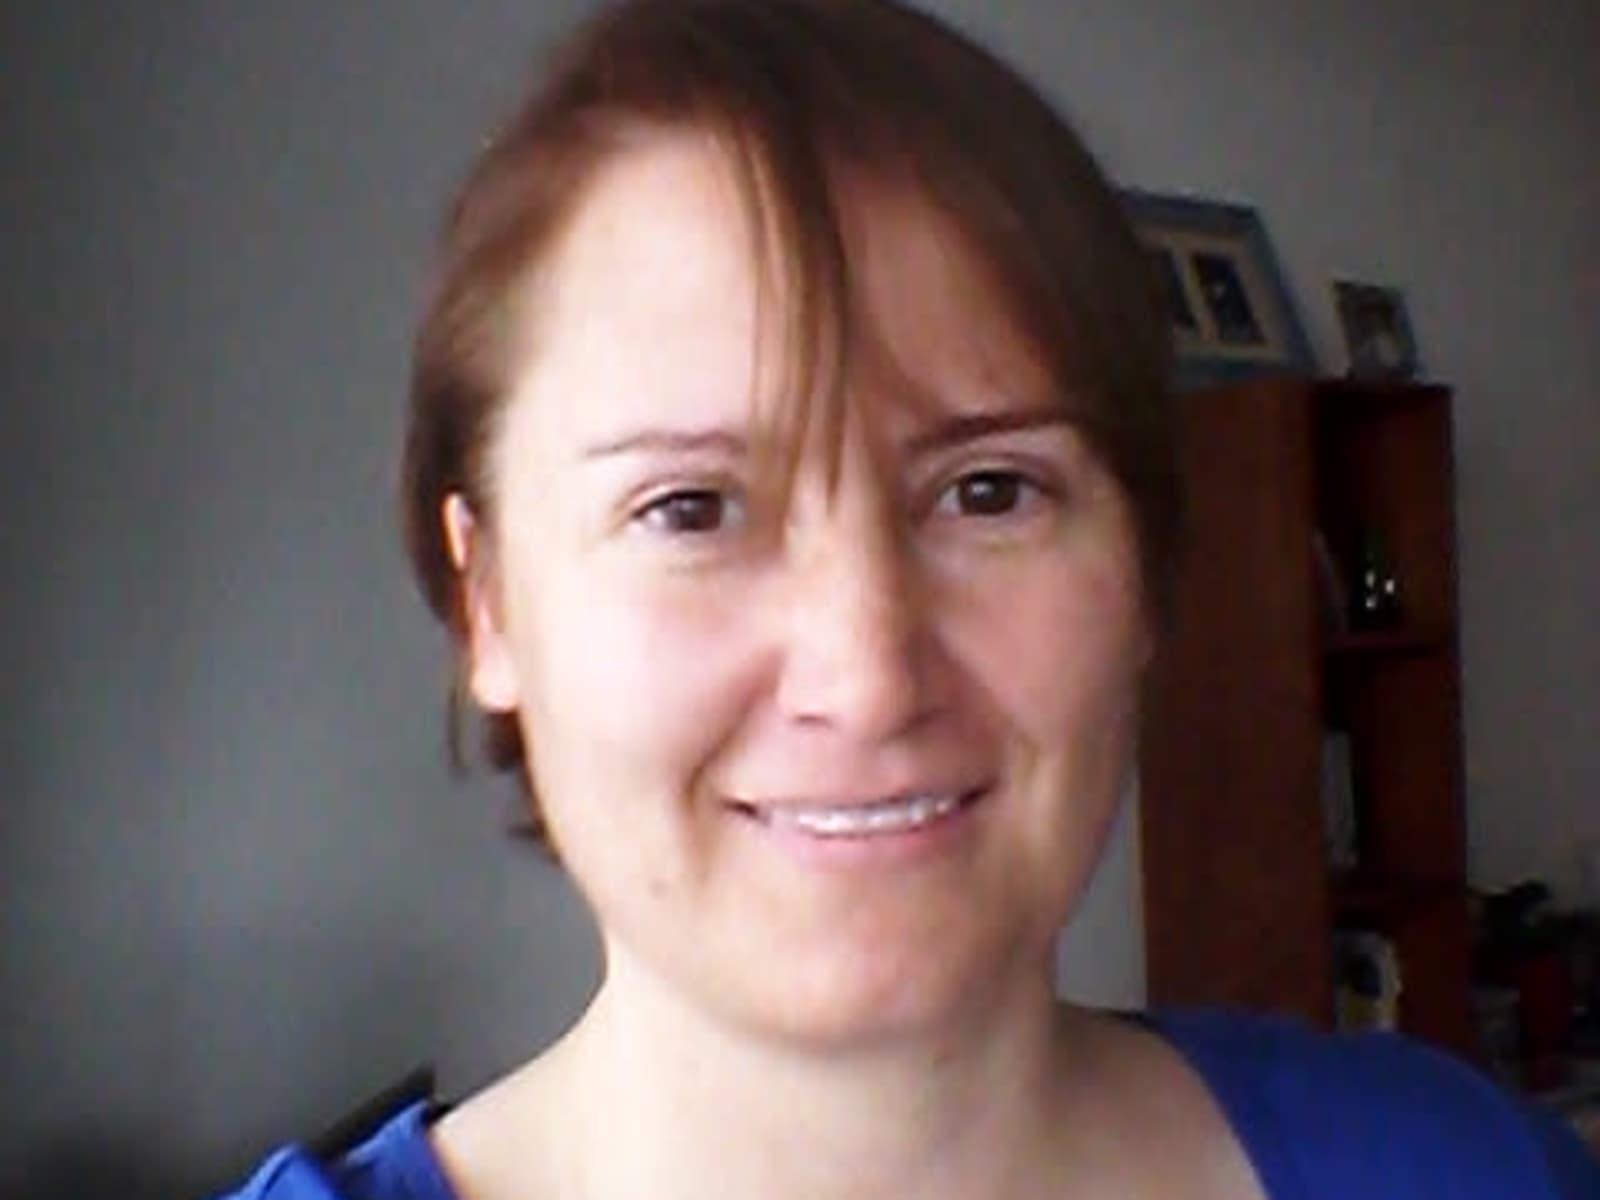 Deborah from Canberra, Australian Capital Territory, Australia